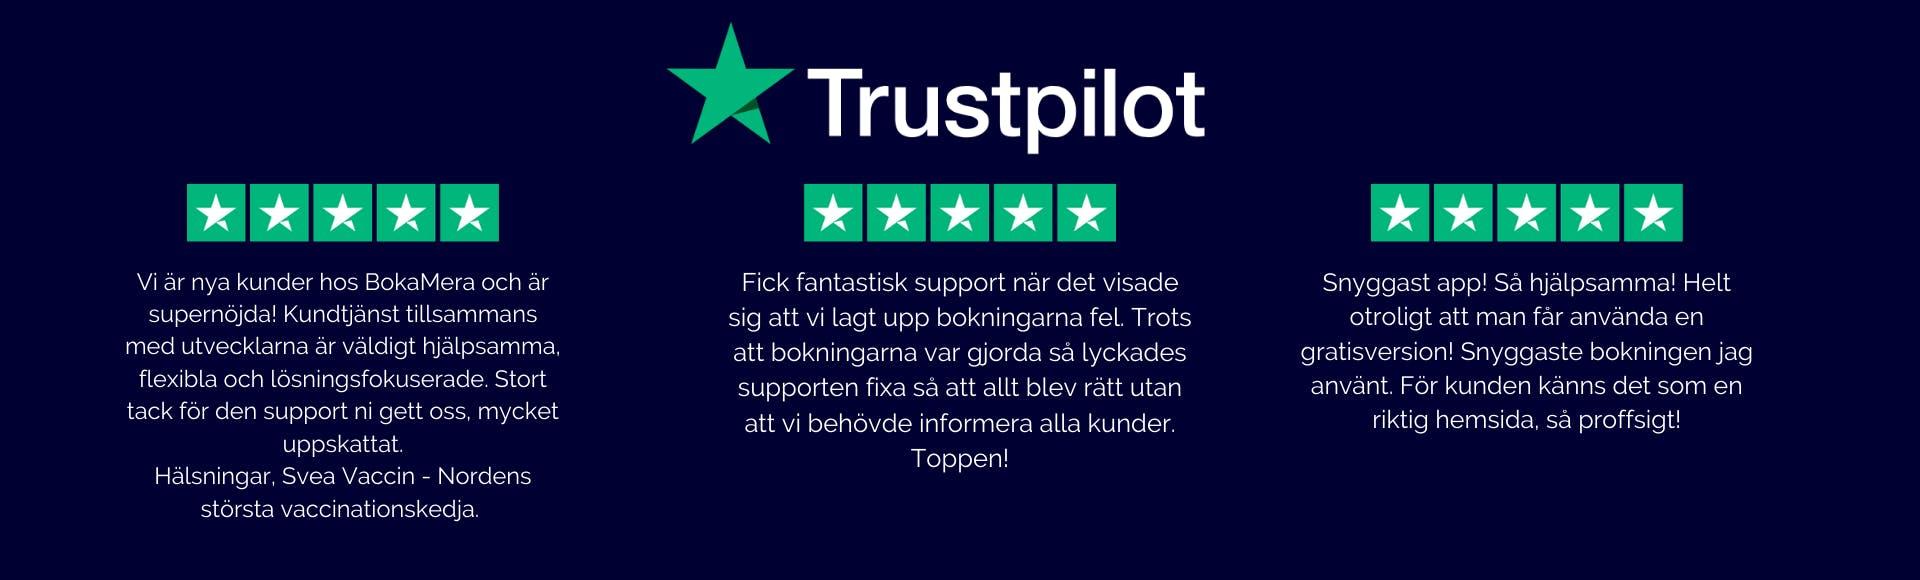 Trustpilot BokaMera bokningstjänster